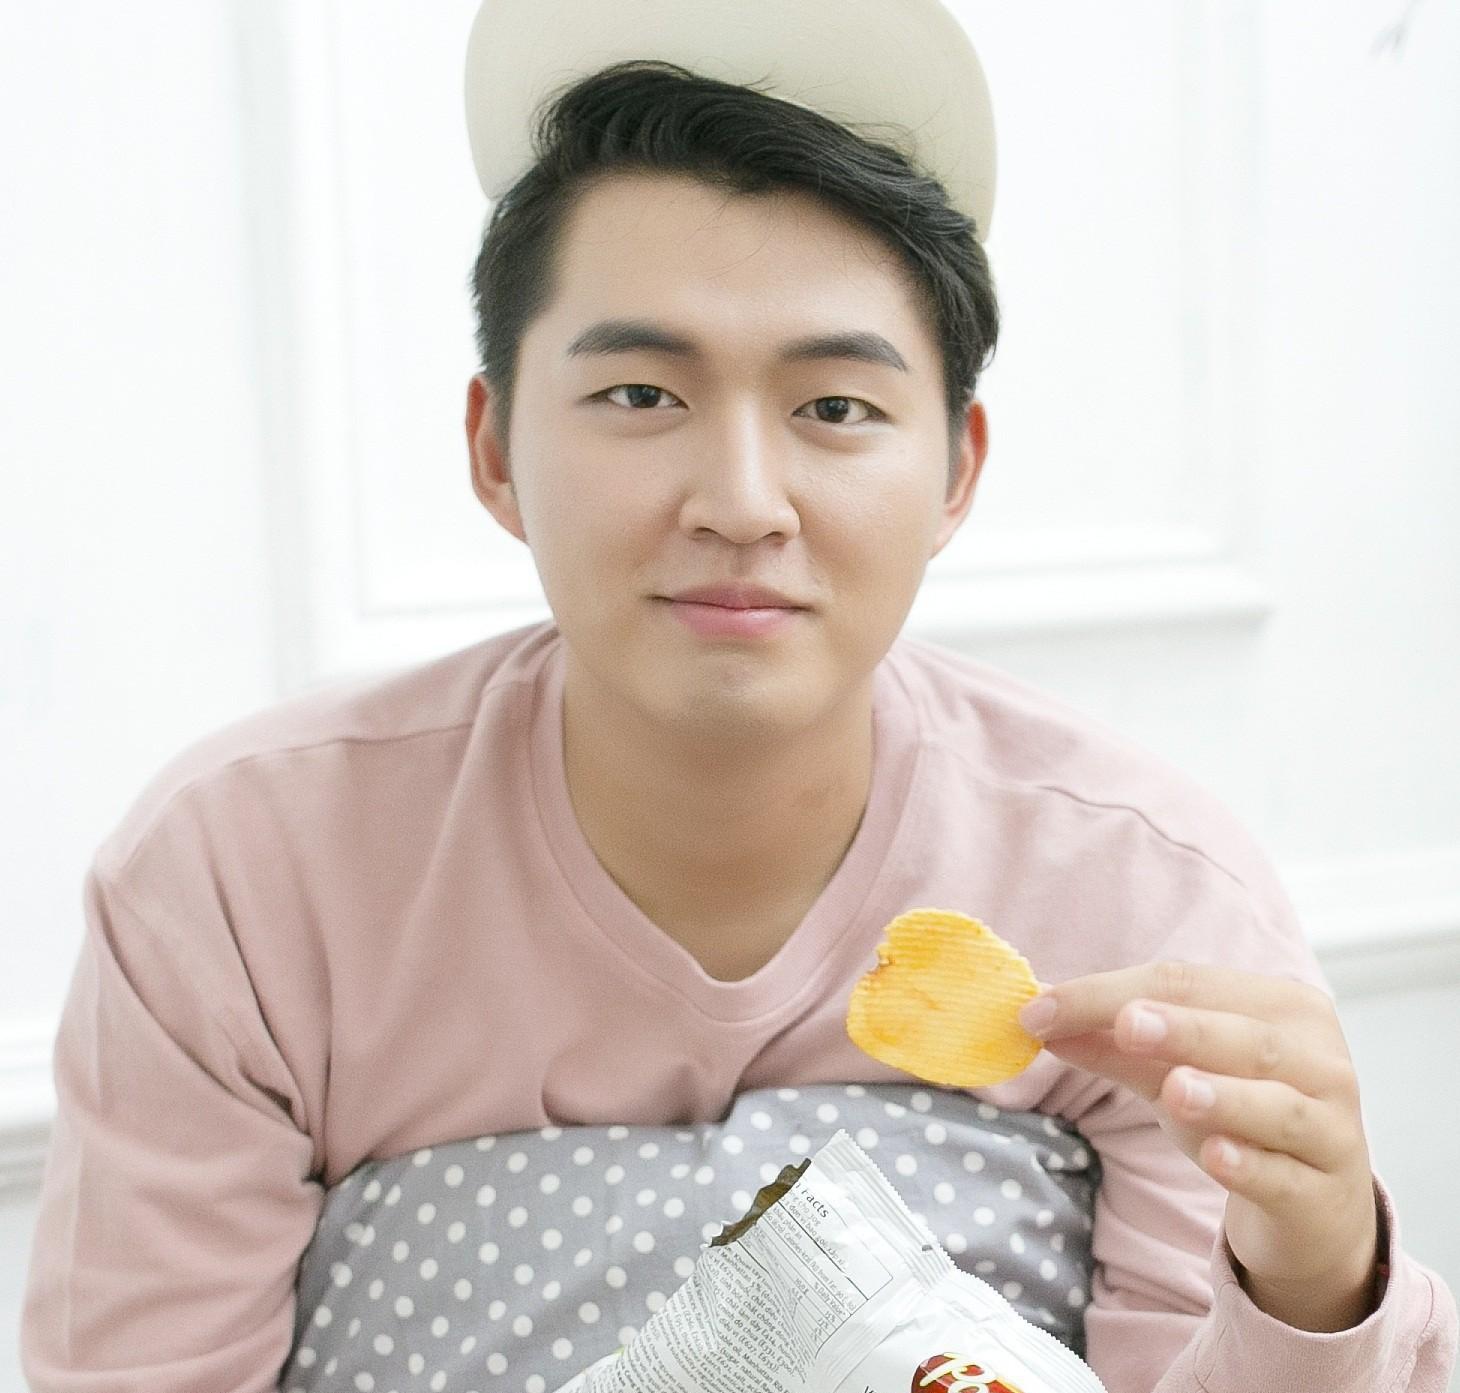 Hot boy Hàn Quốc tỏ tình thành công tại Vì yêu mà đến hóa ra cũng khá nổi từ trước rồi! - Ảnh 8.